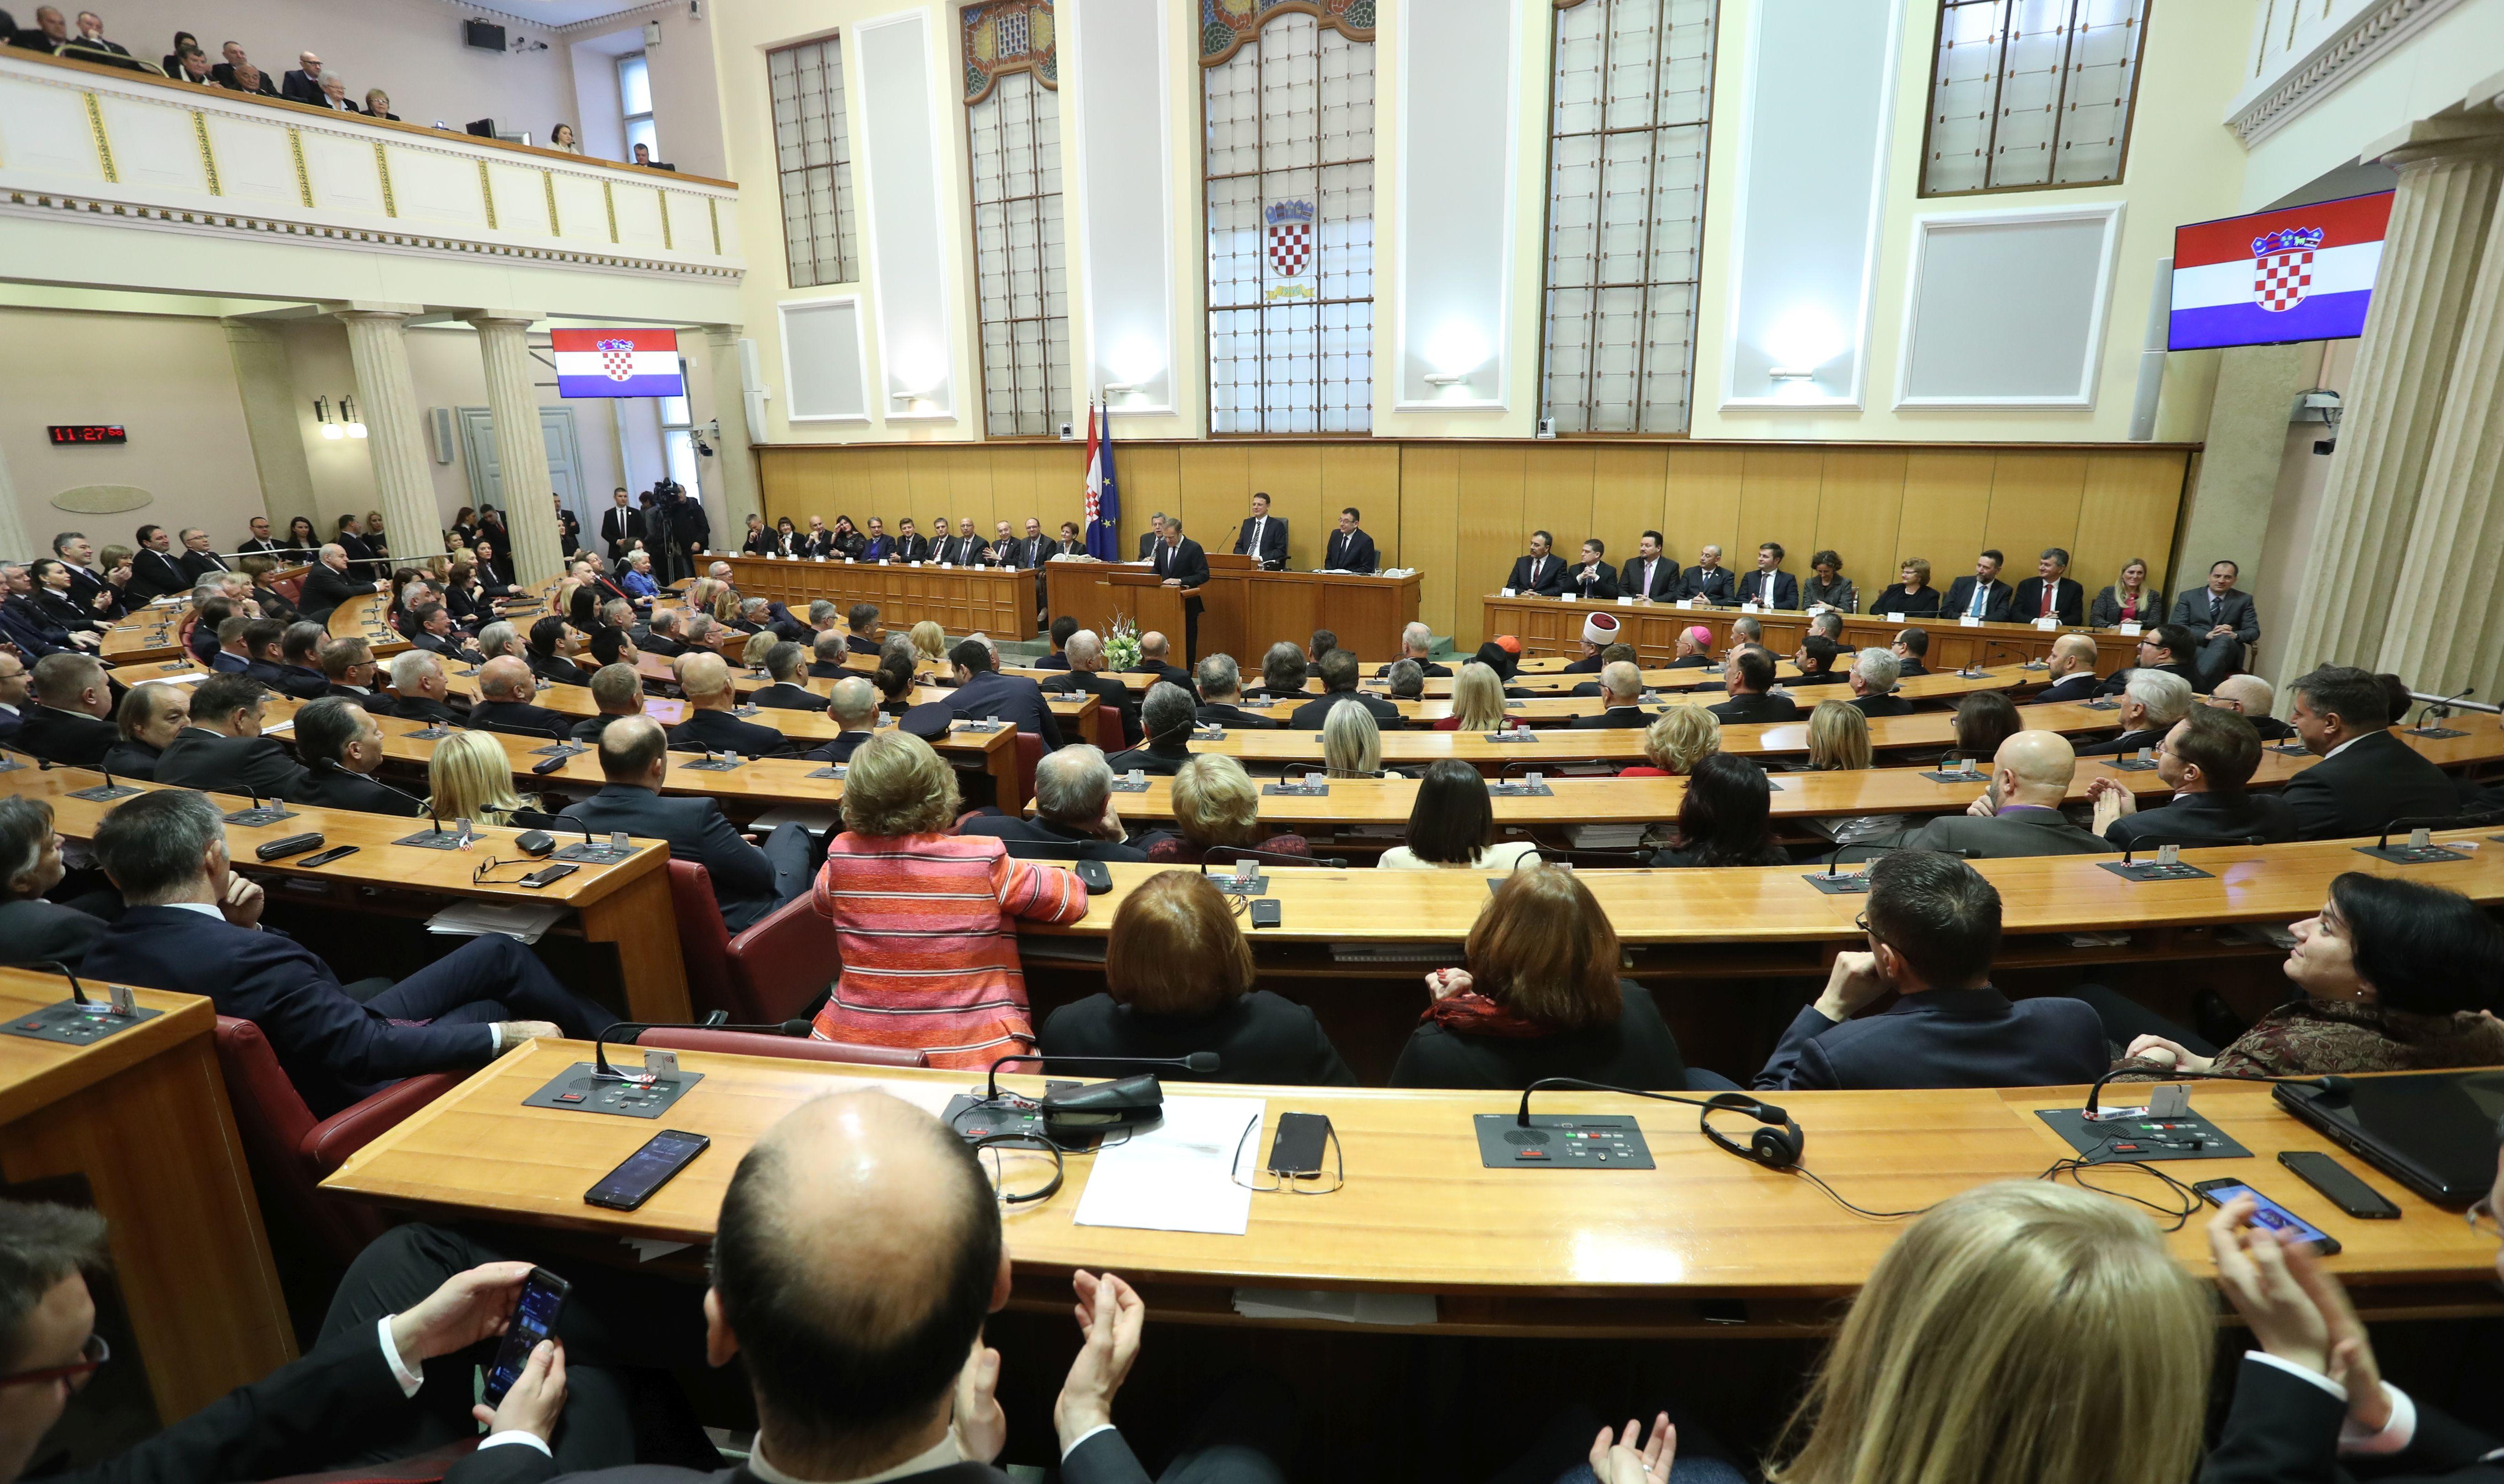 SABOR Zastupnici o Istanbulskoj konvenciji, Glasnović o 'drugovima'